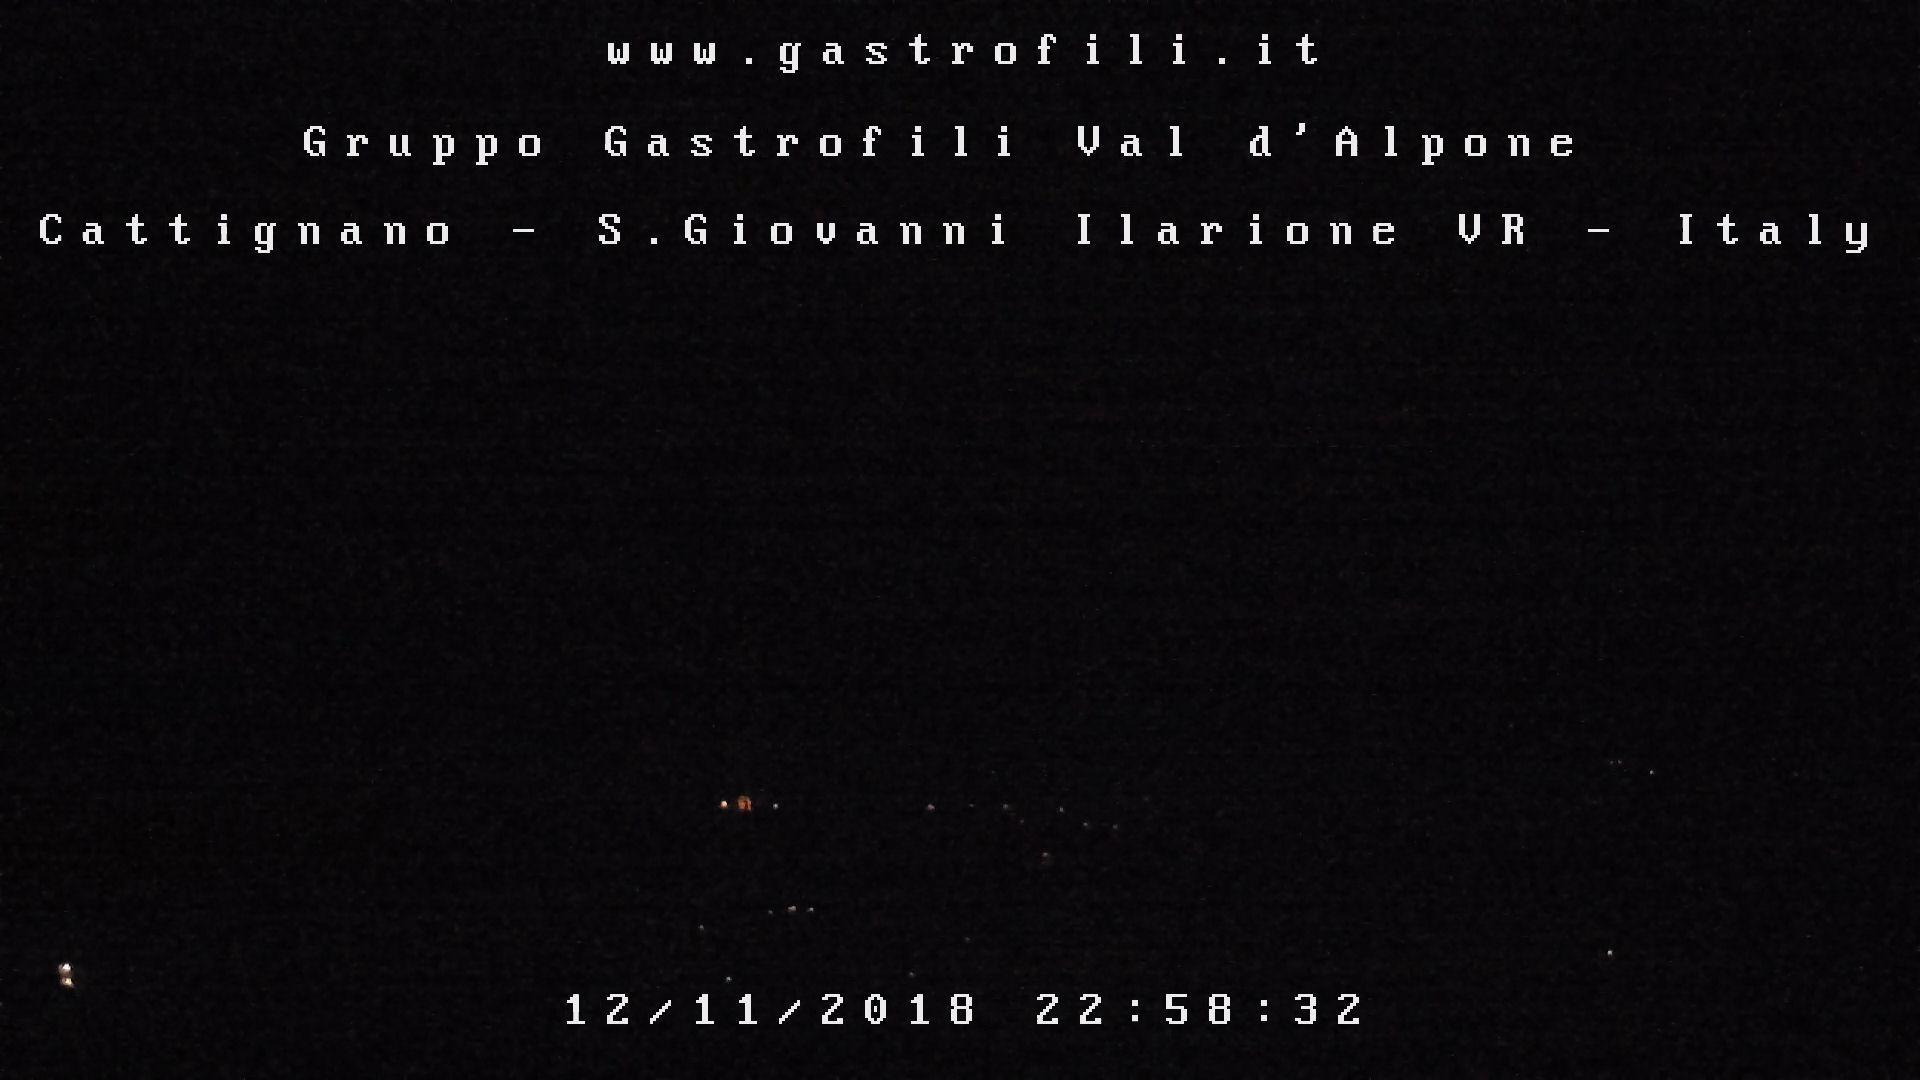 Immagine WEBCAM in diretta dalla sede di Cattignano del Gruppo Gastrofili Val d'Alpone a S.Giovanni Ilarione - Verona - Italy